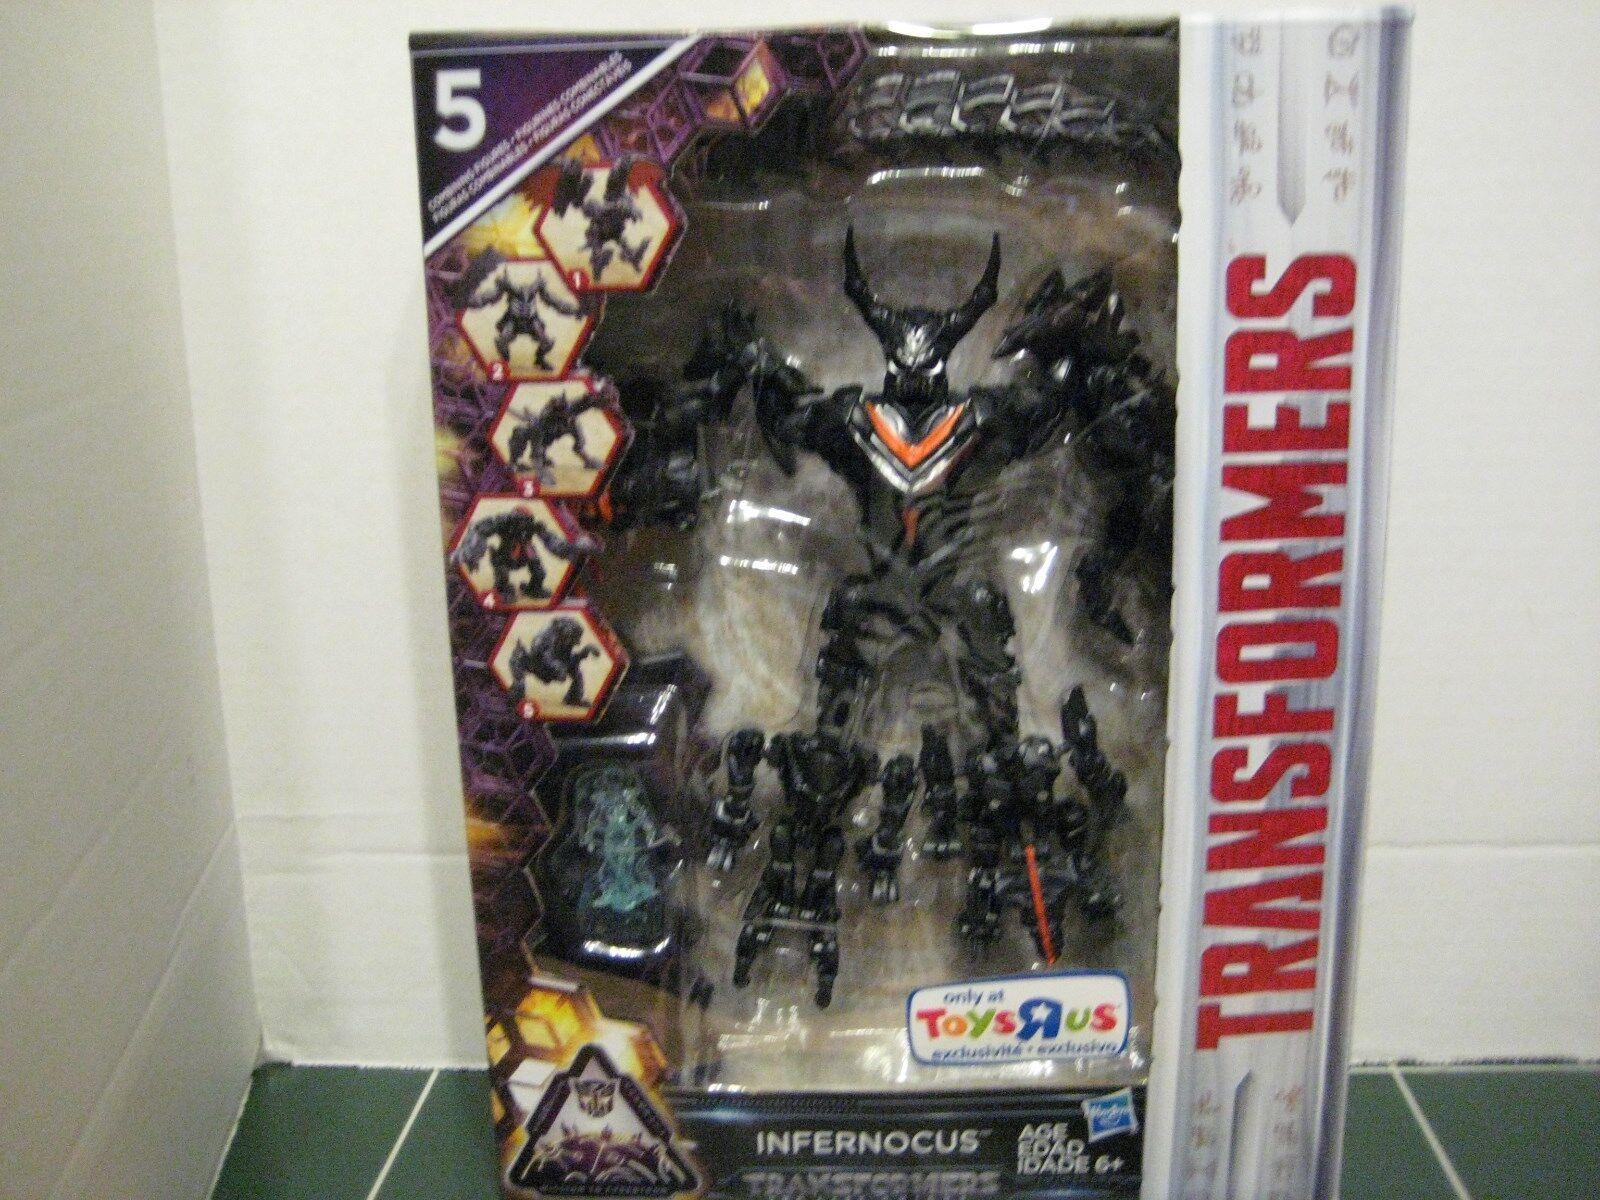 Transformers Infernocus Exclusive Figure The Last Night Five Combining Figures